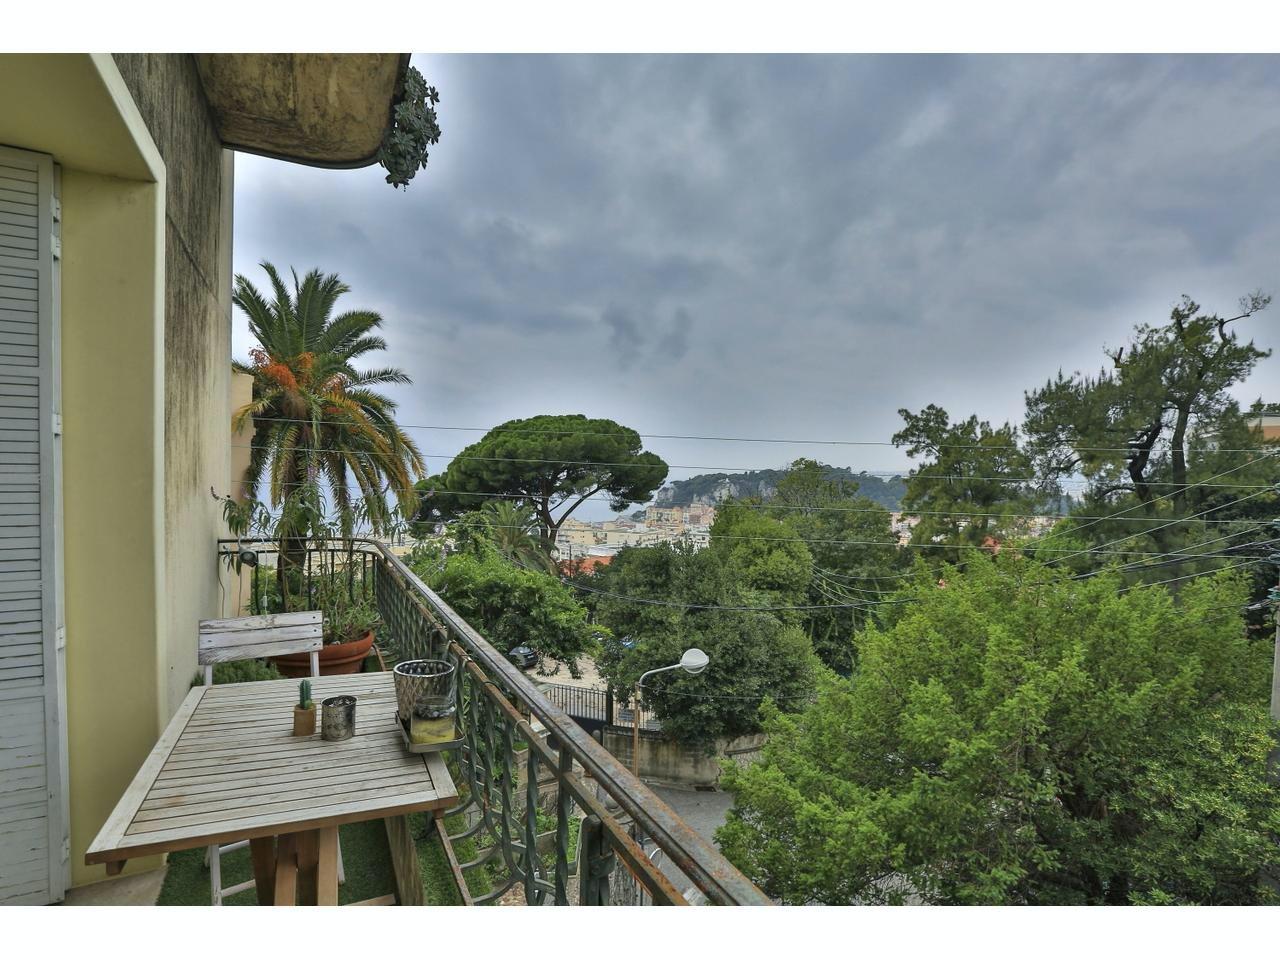 Lägenhet med balkong i sydväst